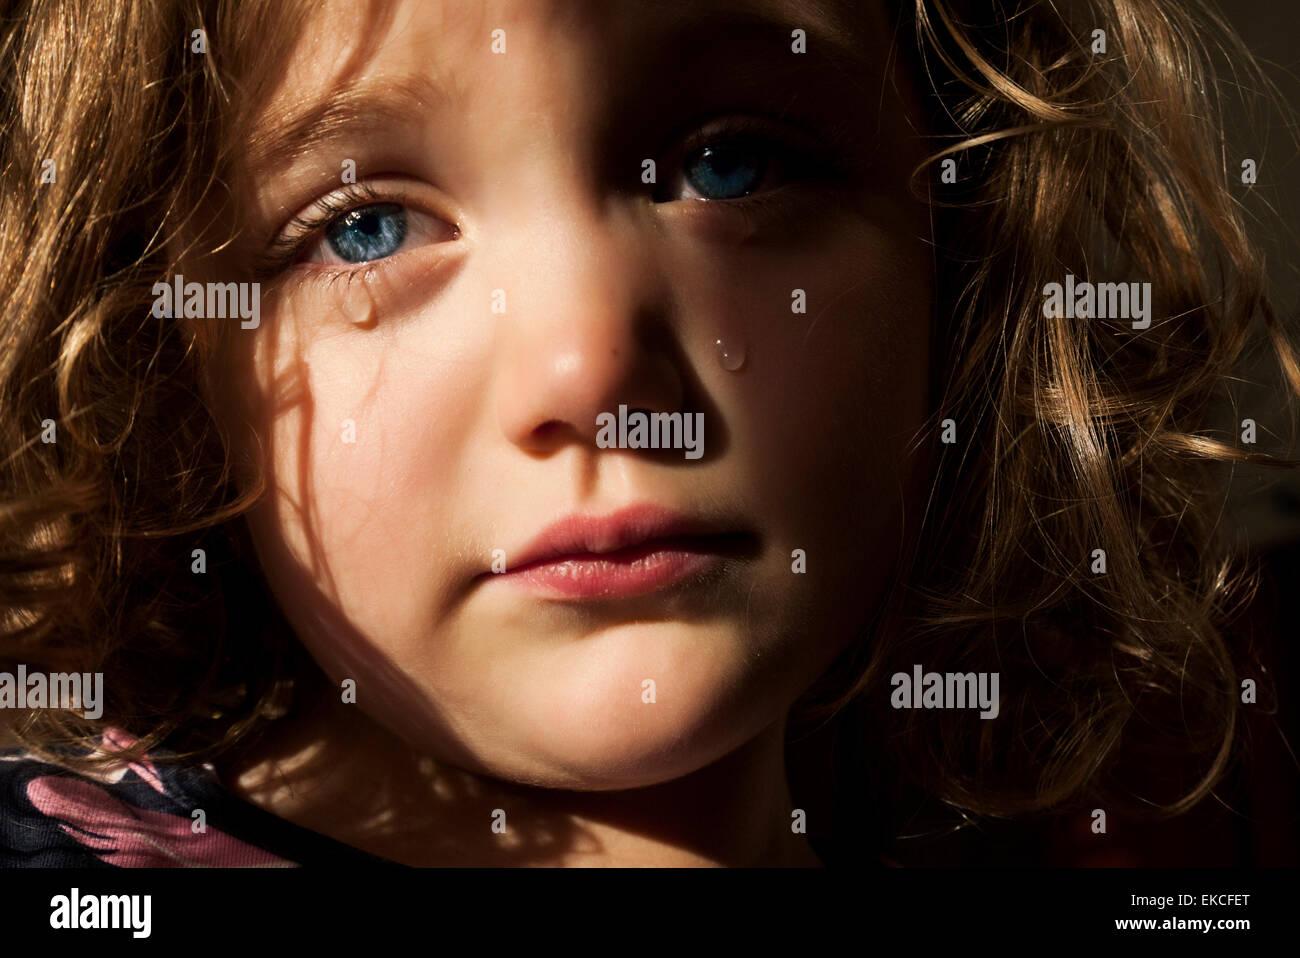 Retrato de una chica triste con ojos azules penetrantes llorando Foto de stock